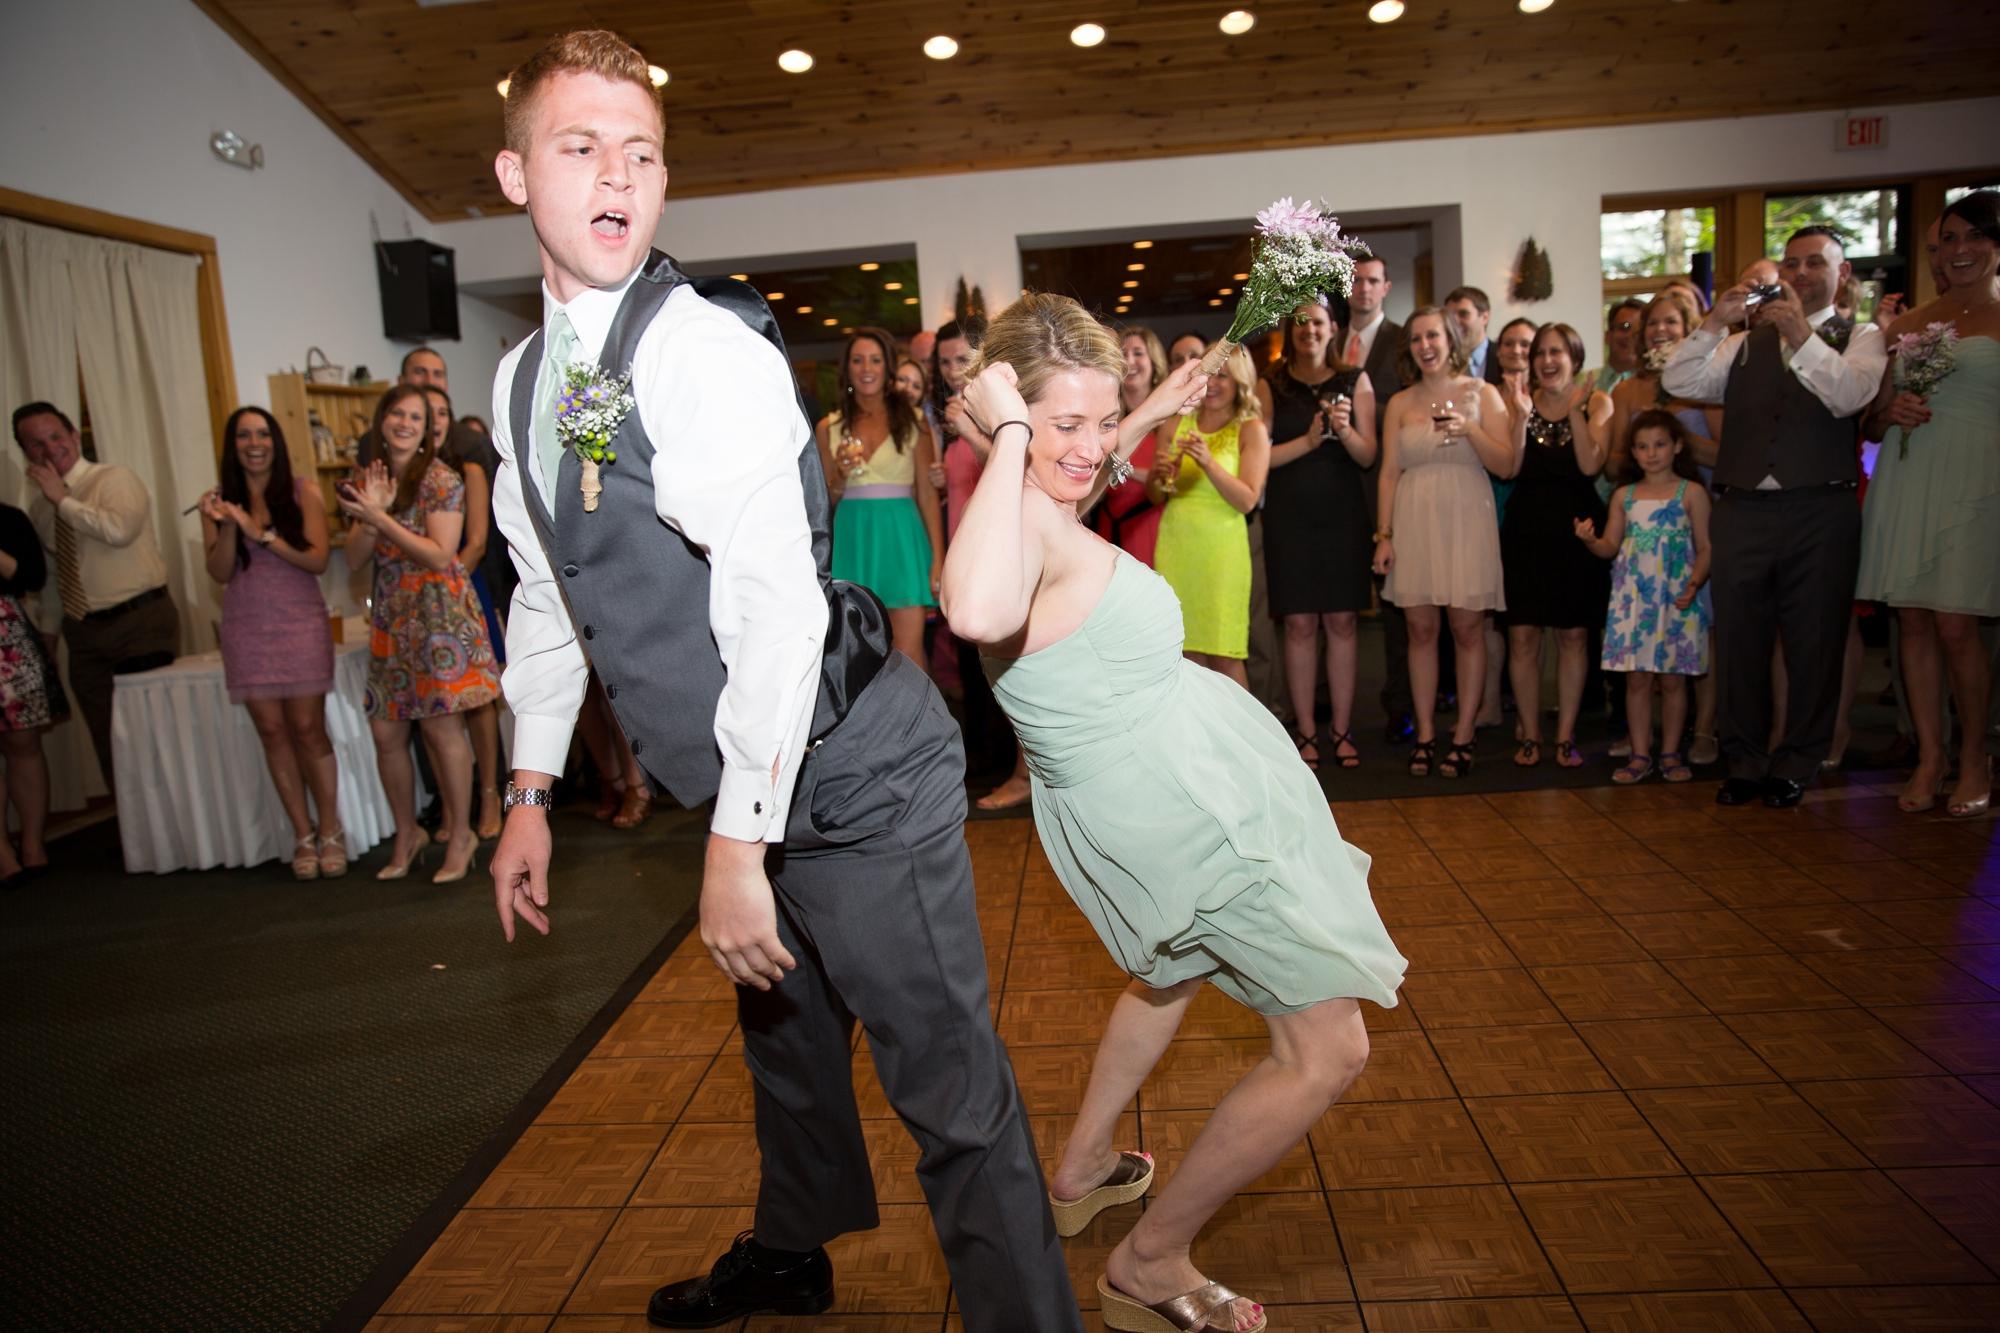 Albany NY Wedding Photographer Justin Tibbitts Photography Albany NY Best of Weddings39Albany NY Wedding Photographer Justin Tibbitts Photography Albany NY Best of Weddings15